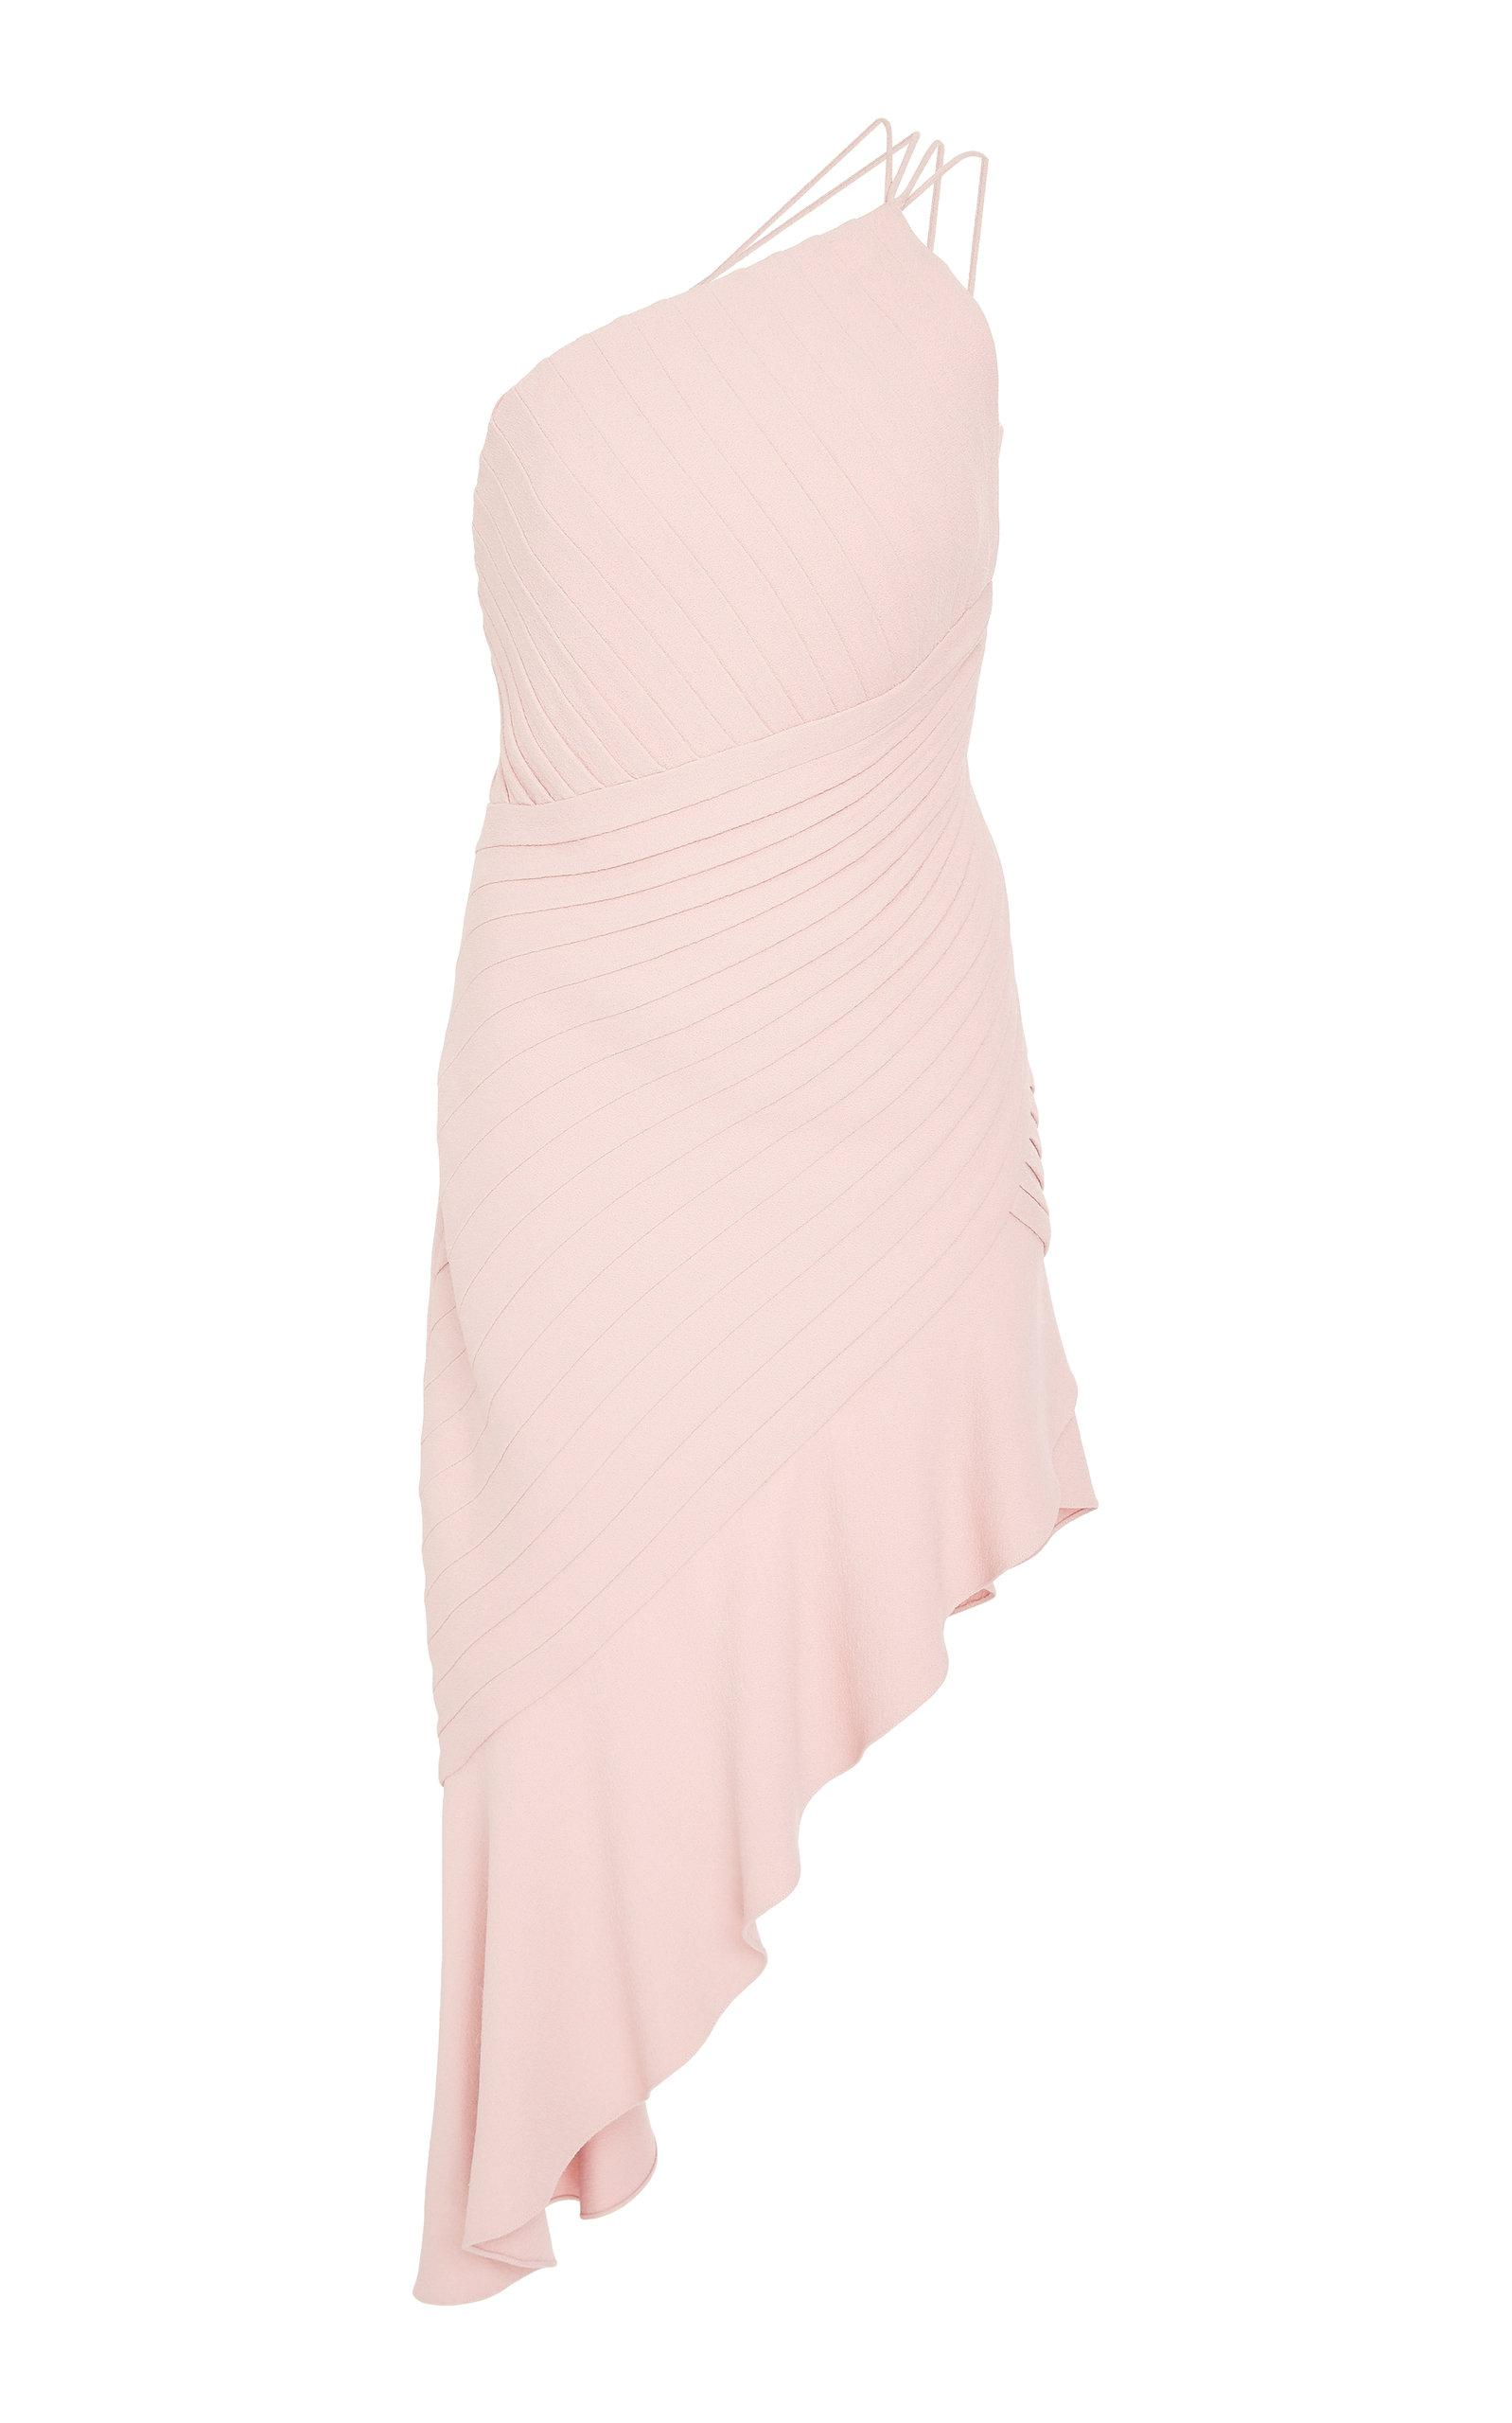 d2947b4f821c3 Brandon Maxwell Fan Pleat Cocktail Dress In Pink